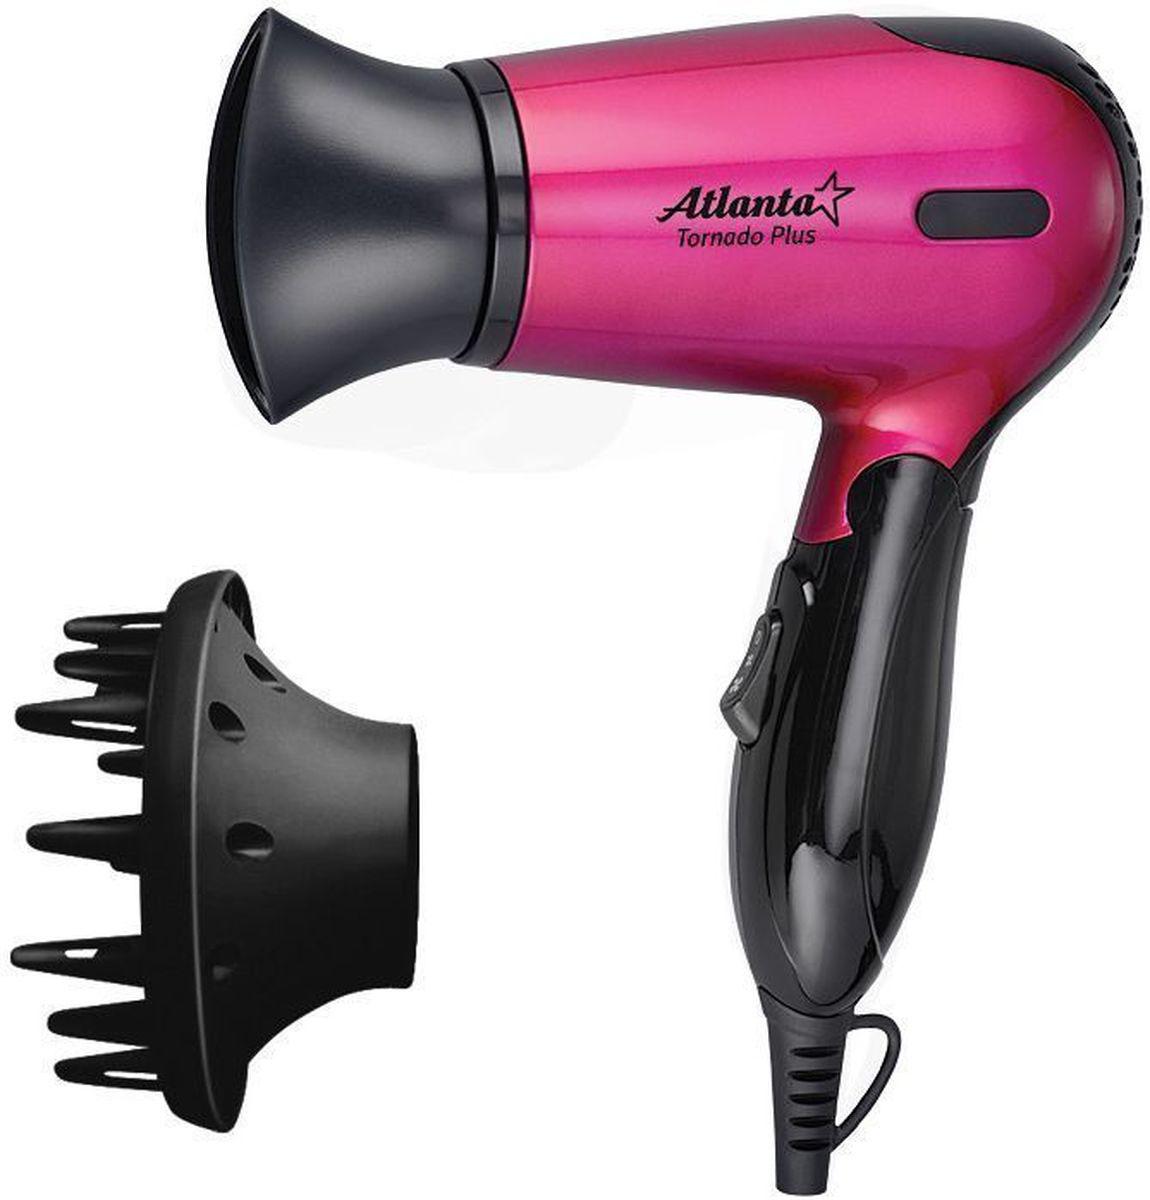 Atlanta ATH-882N, Pink фен77.858@25930Фен Atlanta ATH-882N обеспечивает мощный воздушный поток и быструю сушку волос. Сбалансированная система контроля температуры и силы воздушного потока устанавливает оптимальный режим сушки на уровне 57°С и исключает потерю протеина волос вследствие перегрева. Фен оснащен специальным механизмом отключения в случае перегрева и дополнительным плавким предохранителем на случай ошибки системы. Нихромовый нагревательный элемент выполнен в виде конуса для равномерного нагрева по всему потоку воздуха с использованием формы спирали зиг-заг, позволяющей улучшить показатель равномерности теплоотдачи данного нагревательного элемента. Прочная, удобная ручка легко складывается. Фен занимает мало места при хранении, а также очень удобен дороге.